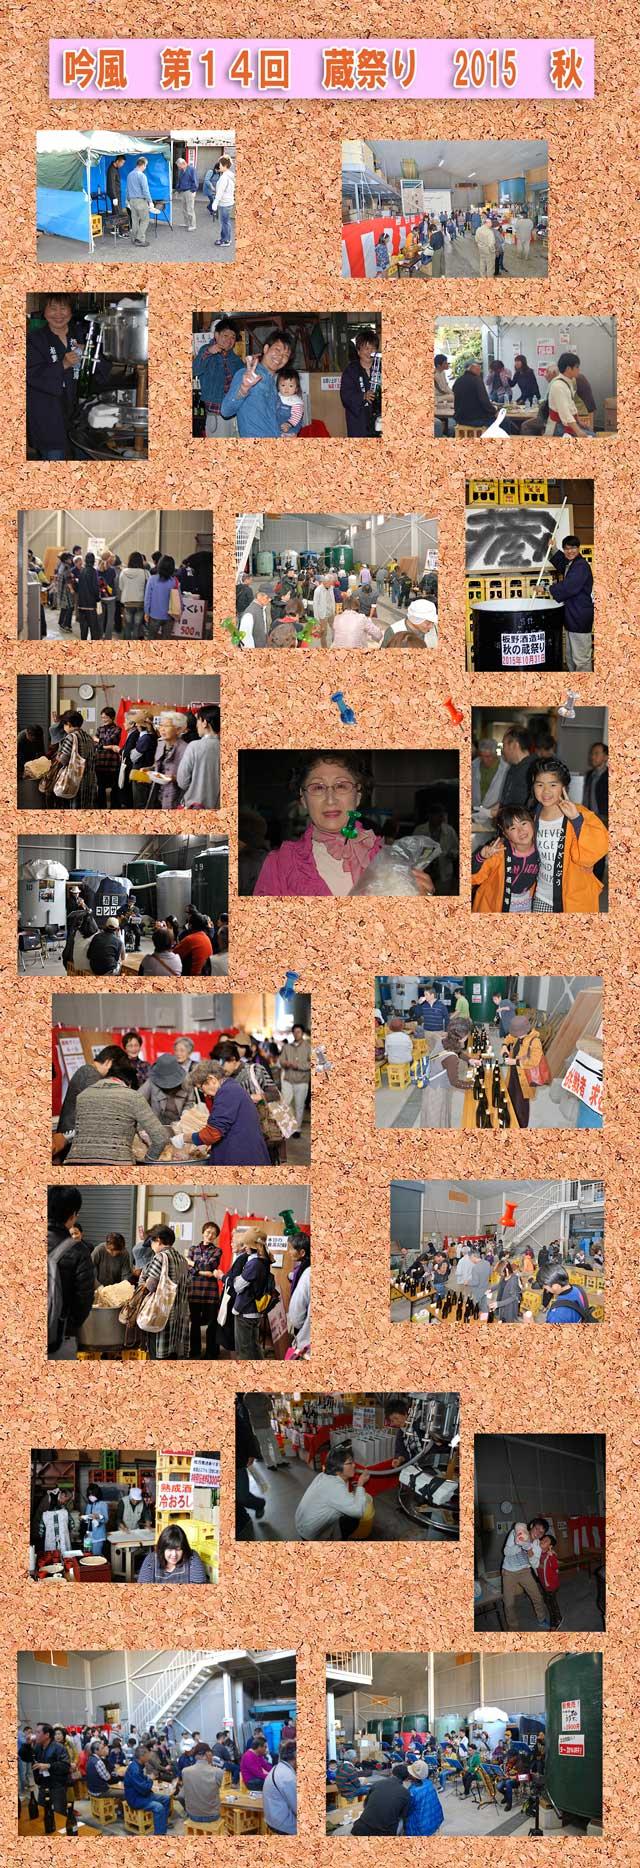 吟風 第14回 蔵祭り 秋 2015